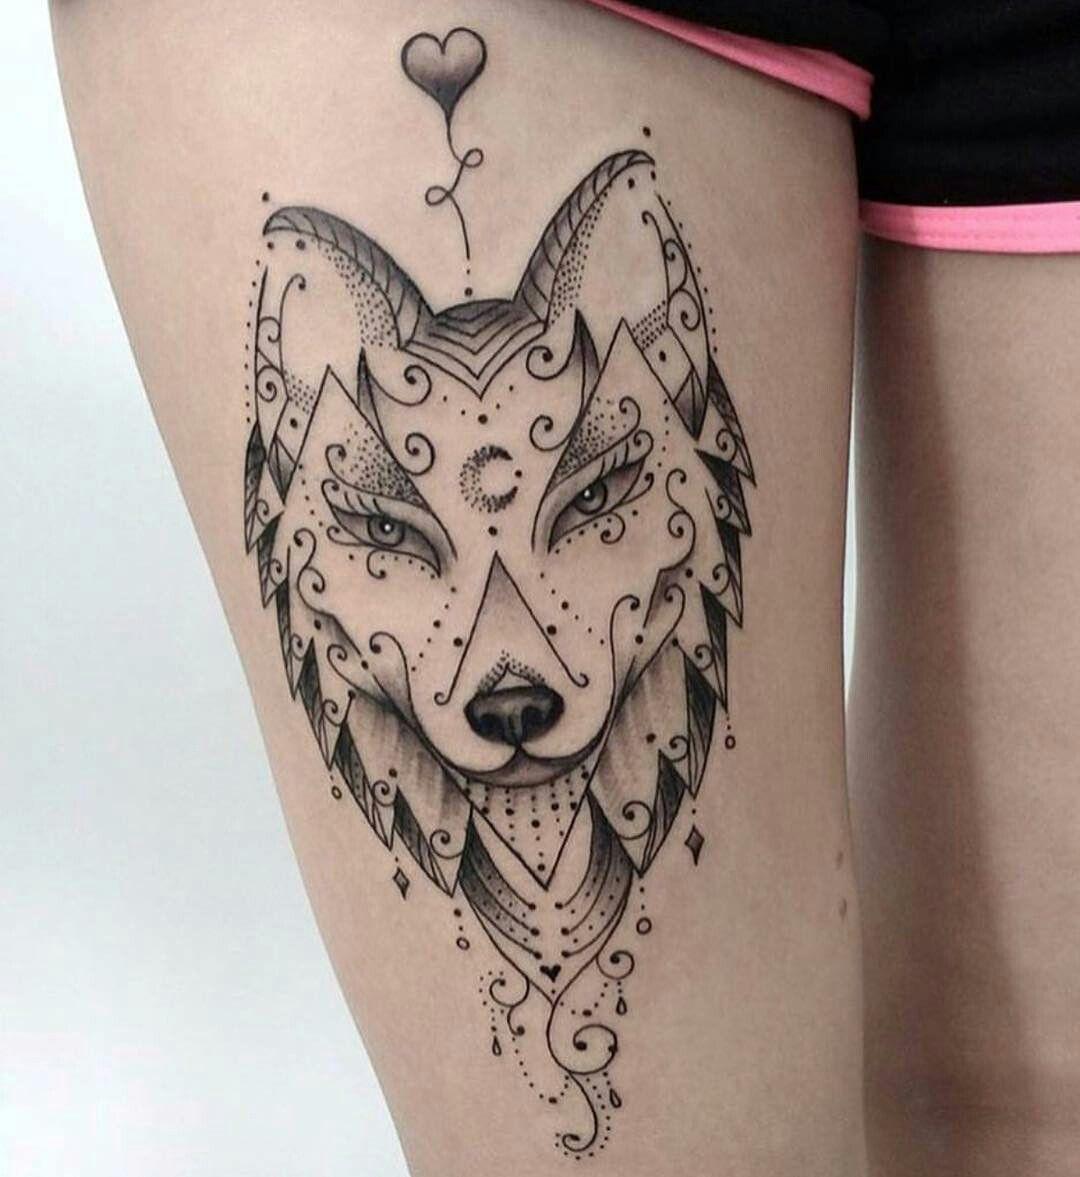 Pin De Cindy Sugier Em Tatoo Tatuagem Feminina Tatuagem